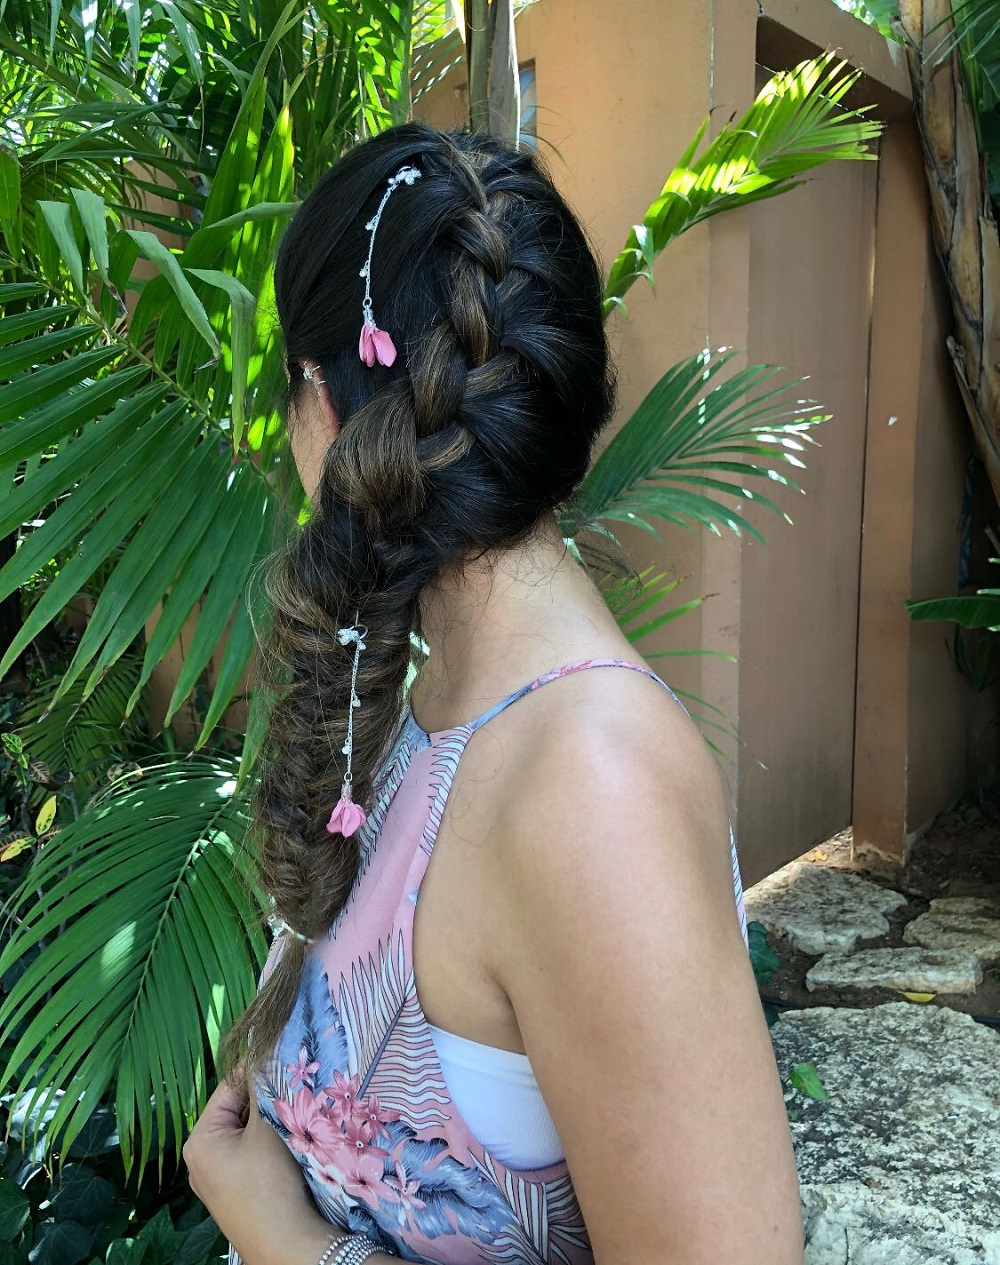 פיסים לשיער - כסף ופרחים ורודים